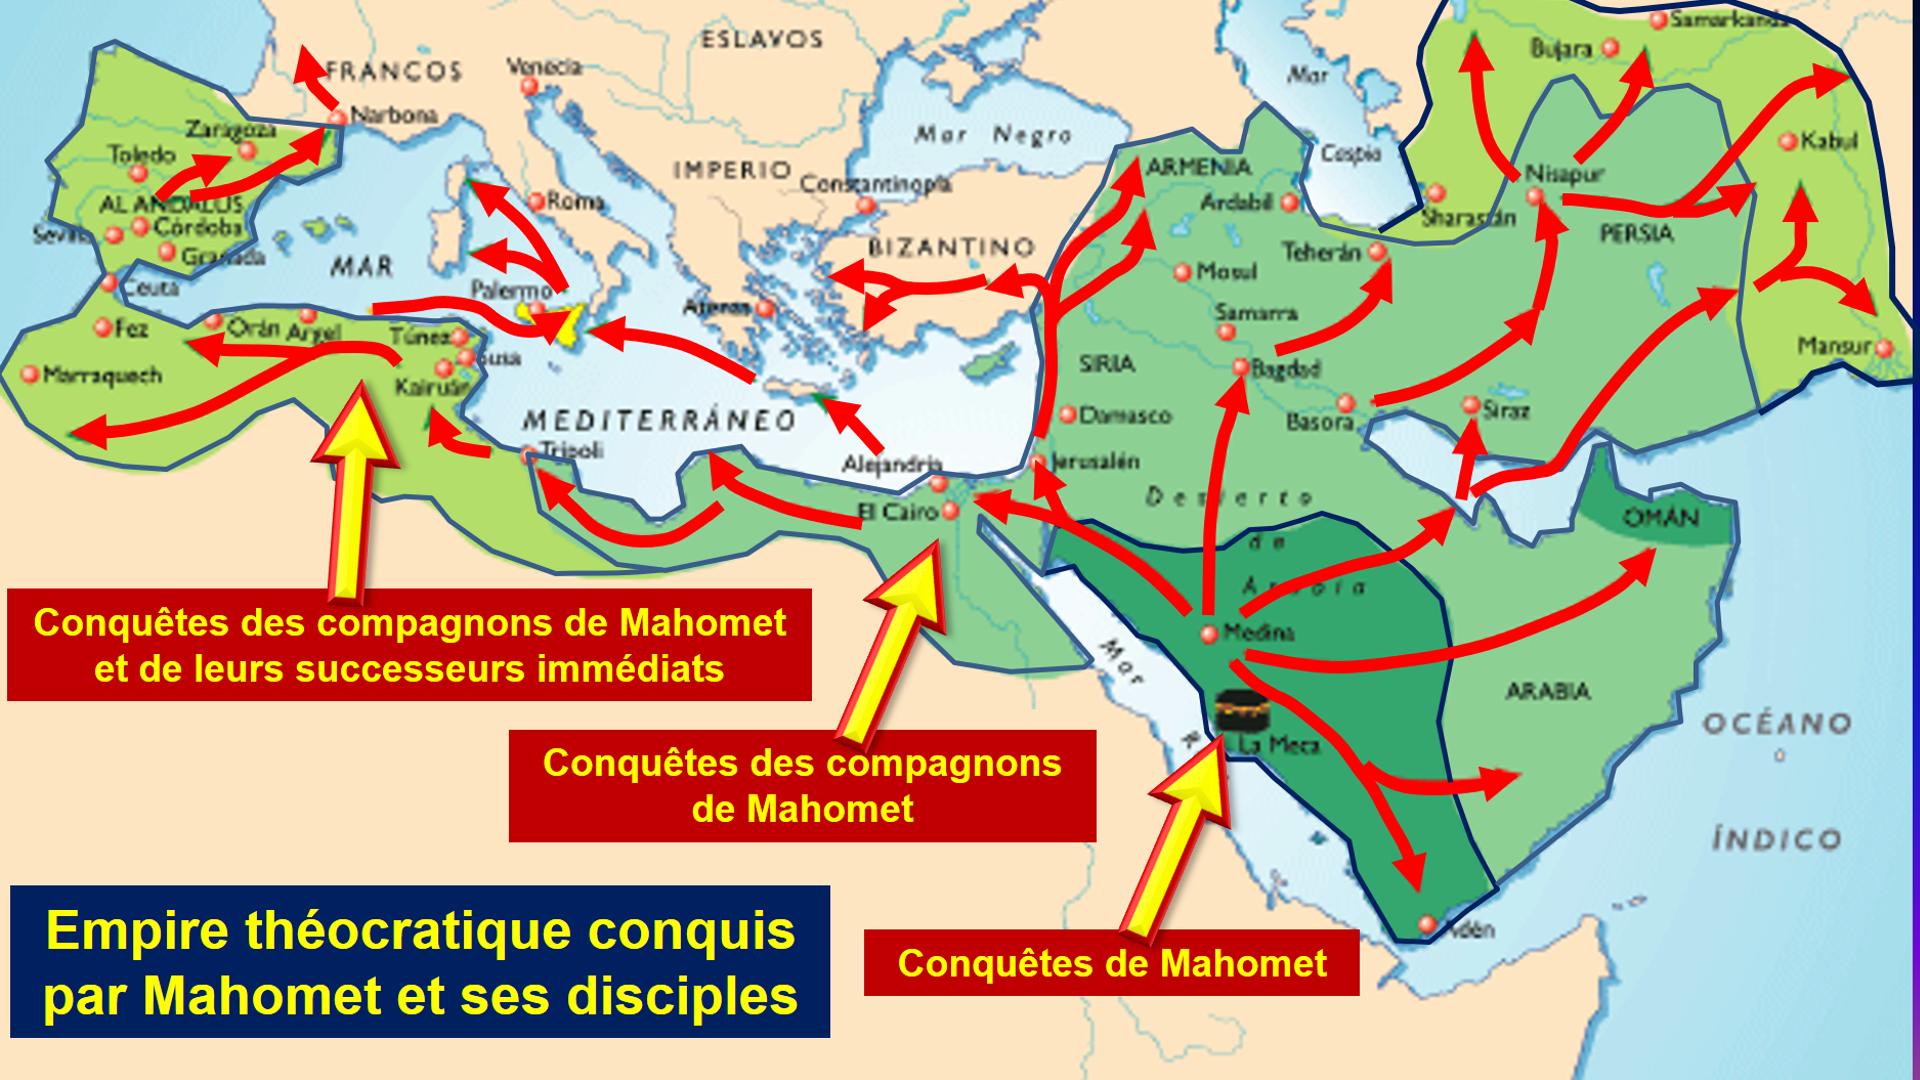 daesh définition français